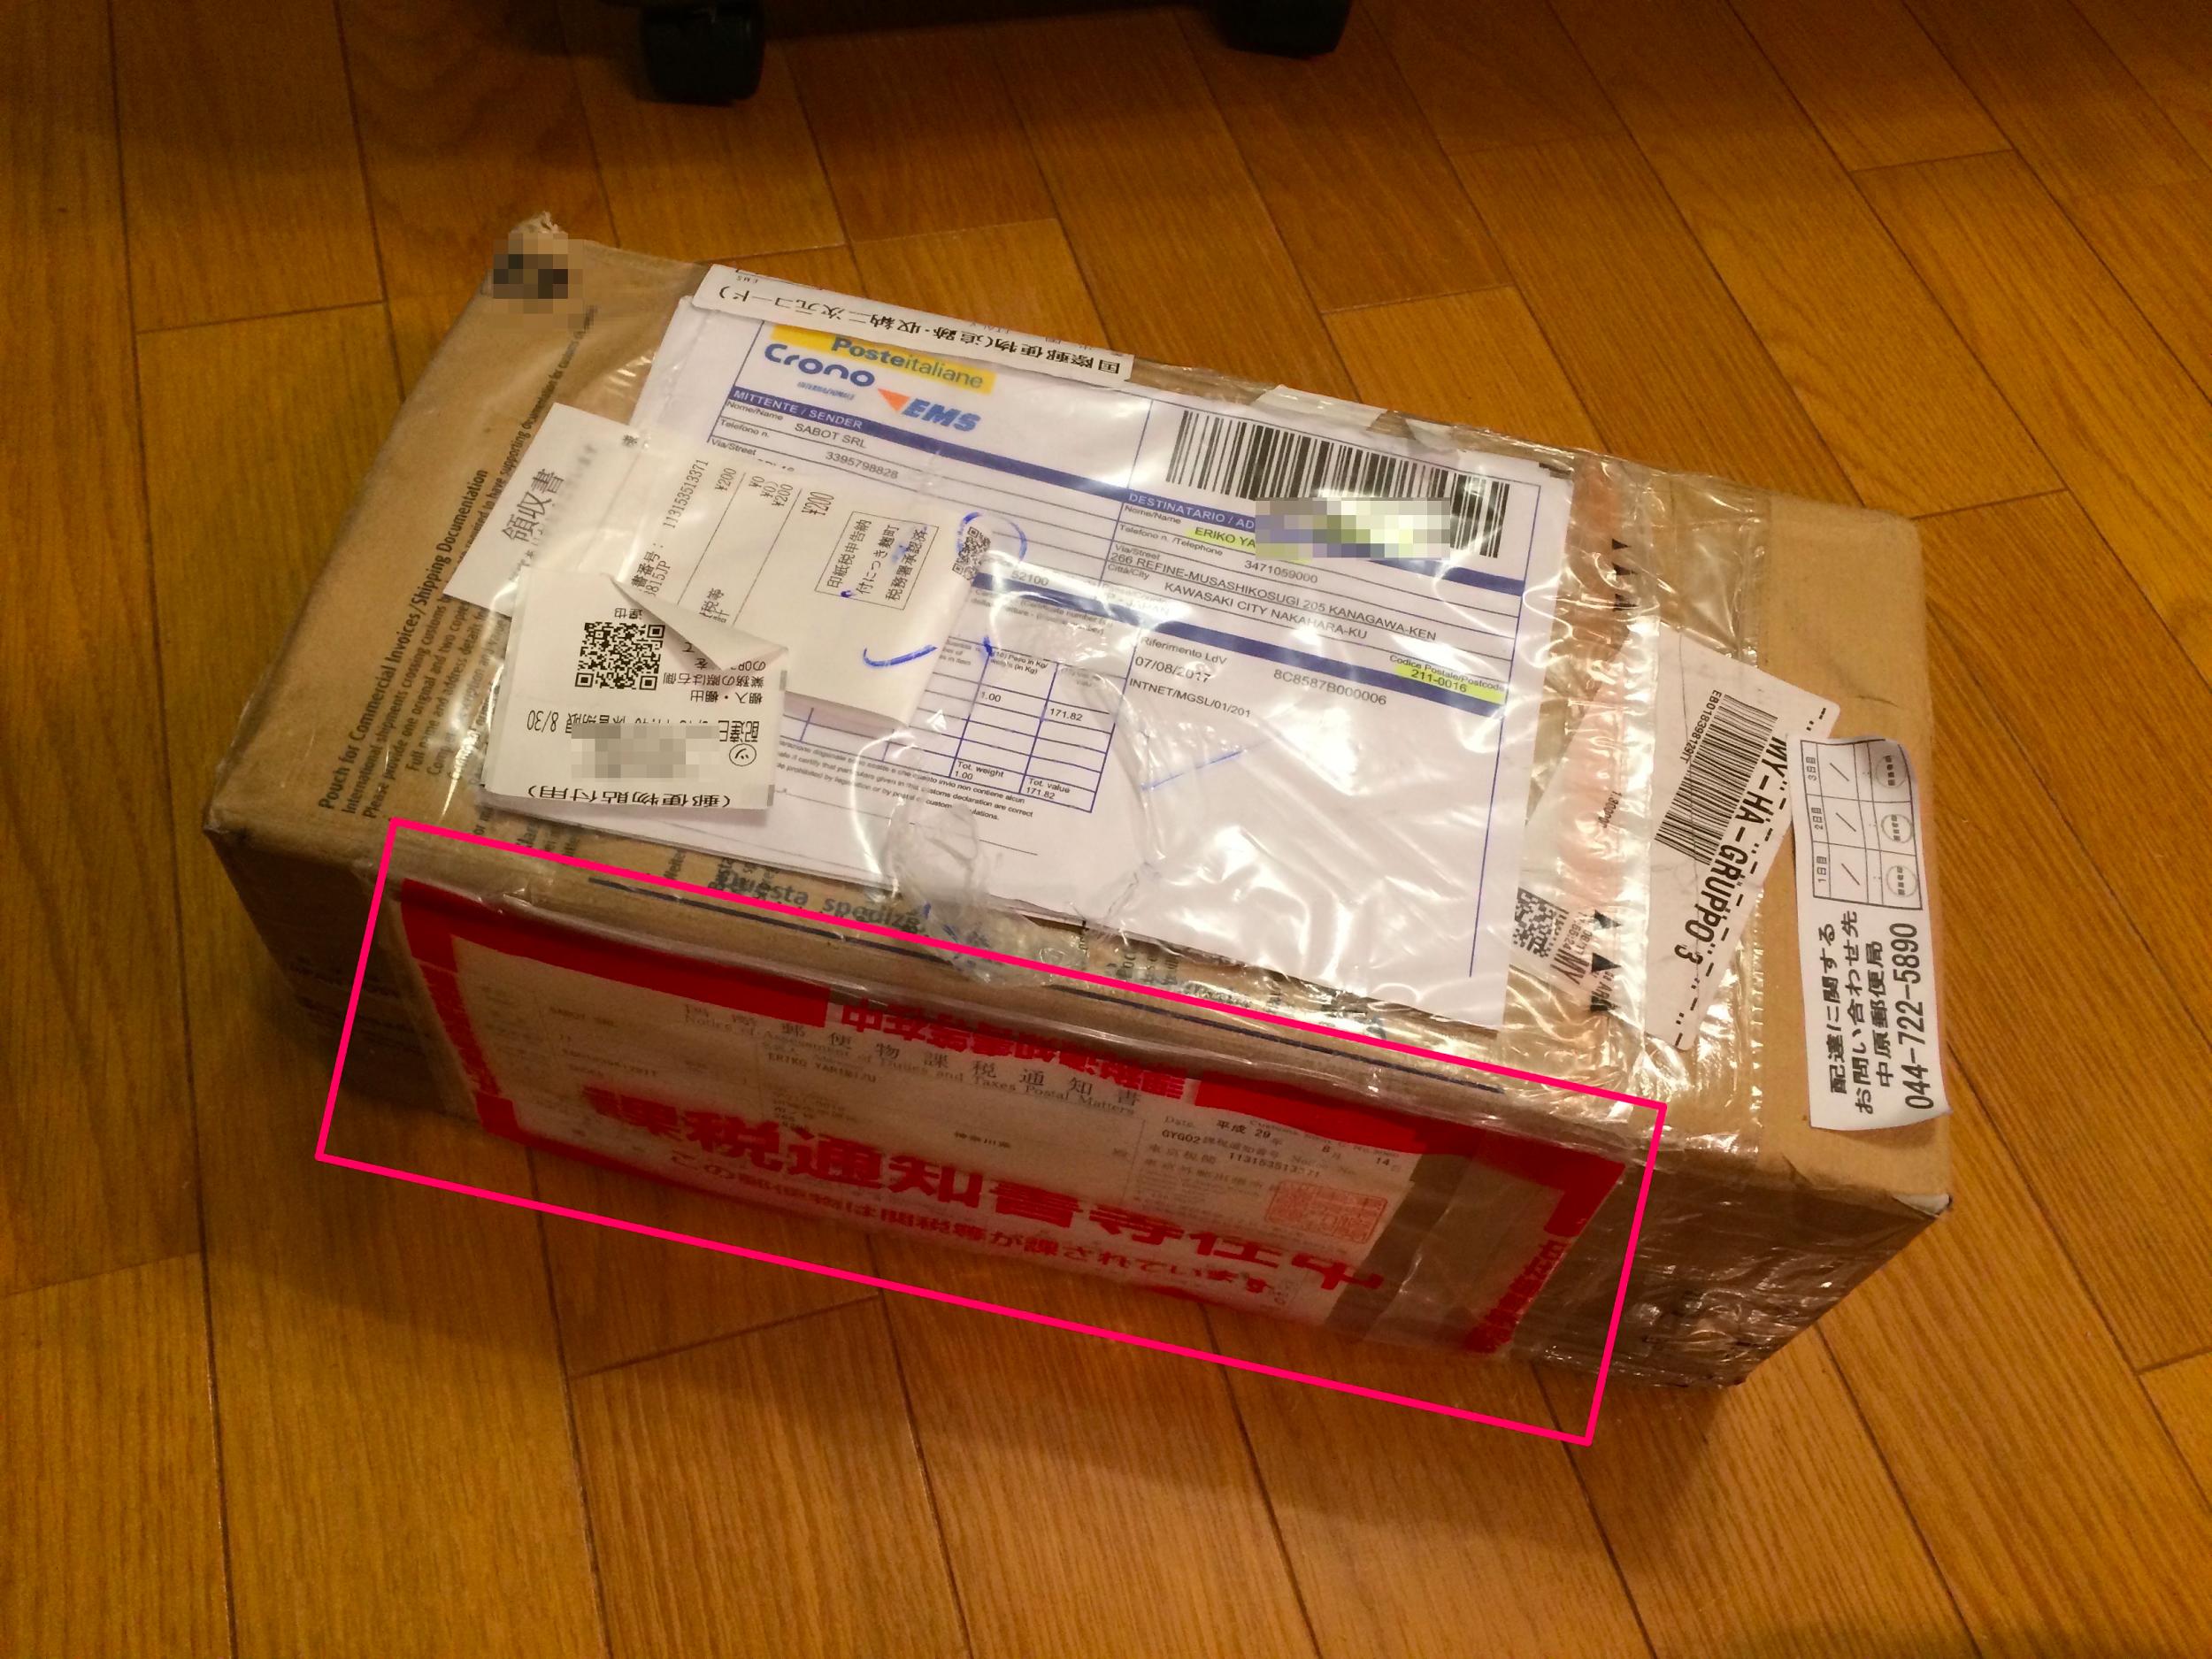 国際郵便物課税通知書が張り付けてある荷物